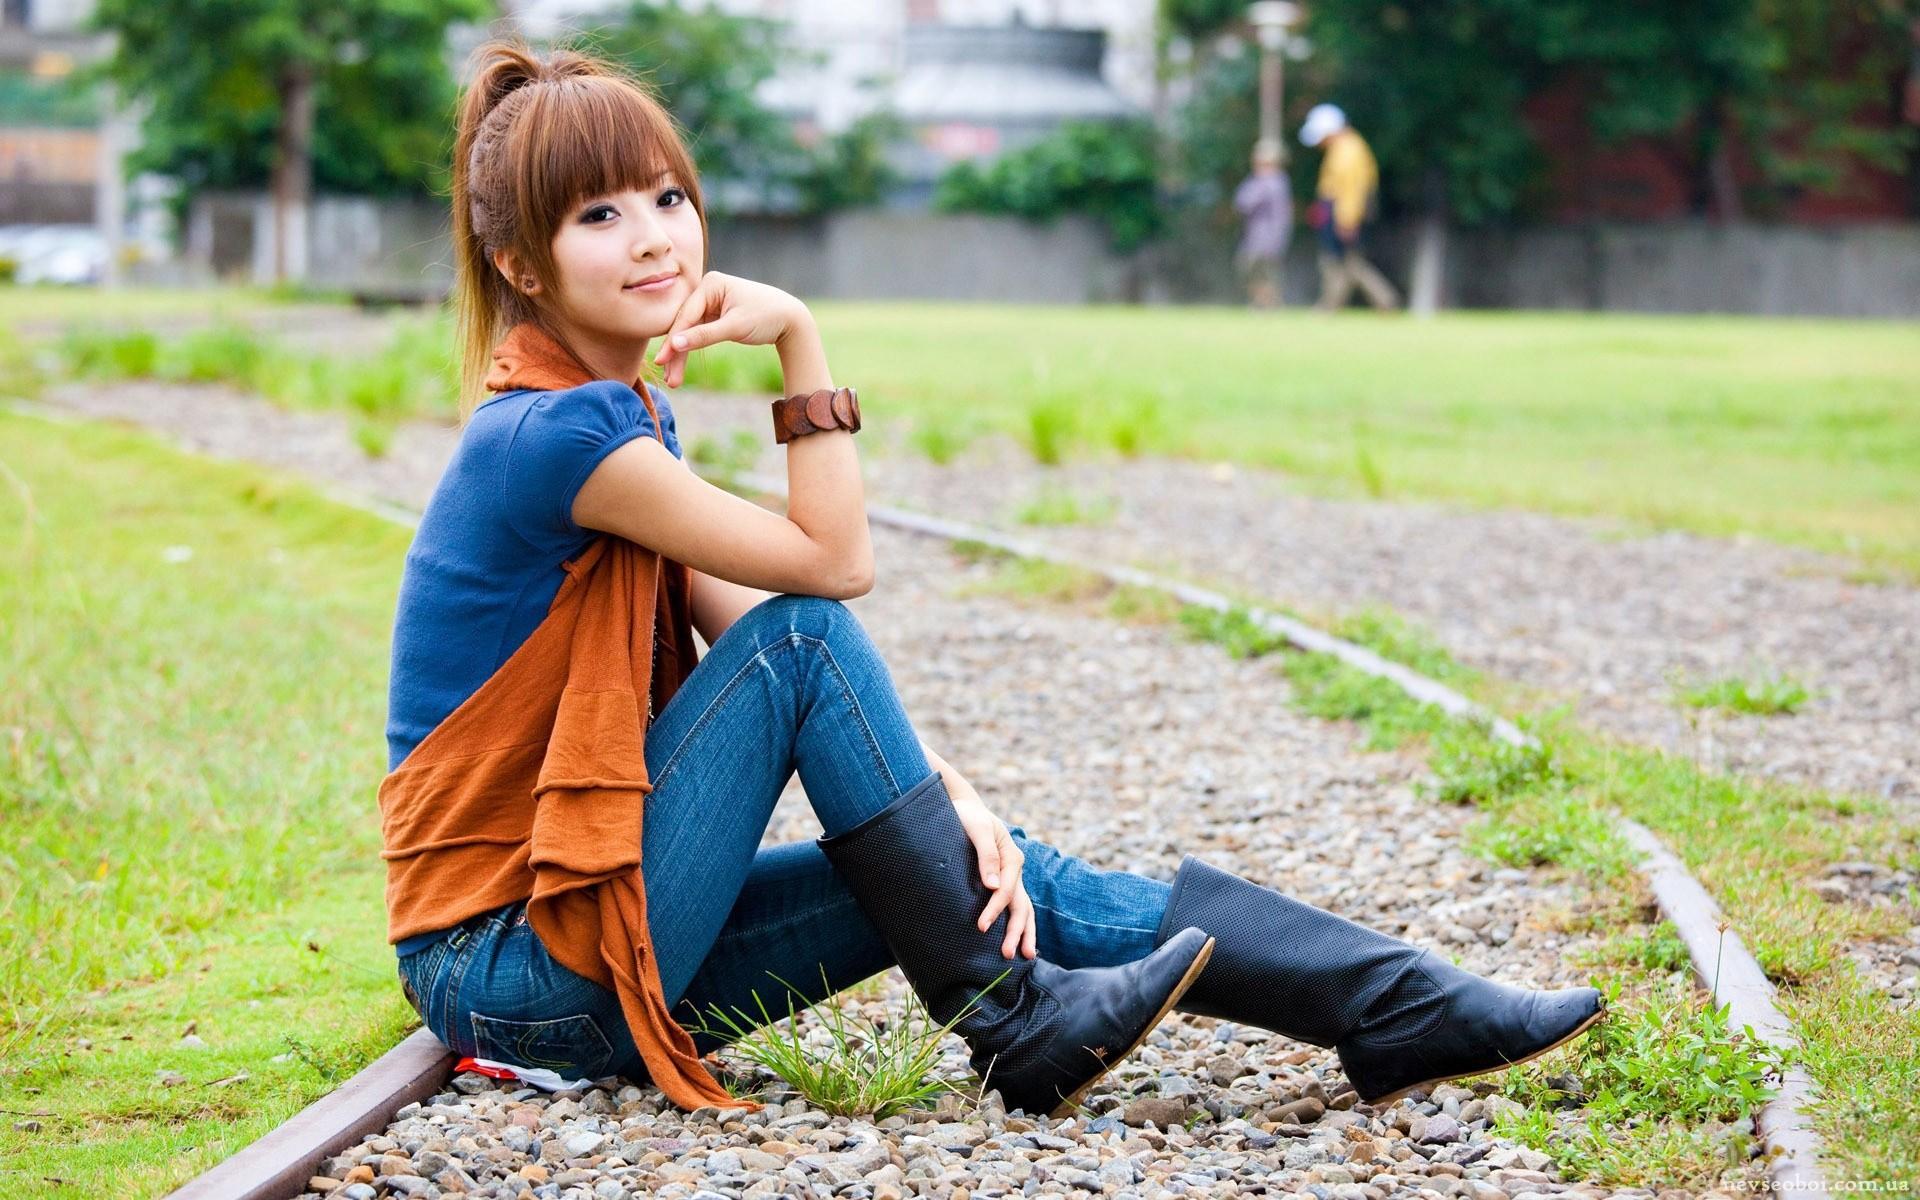 Картинки японских девушек 17 лет